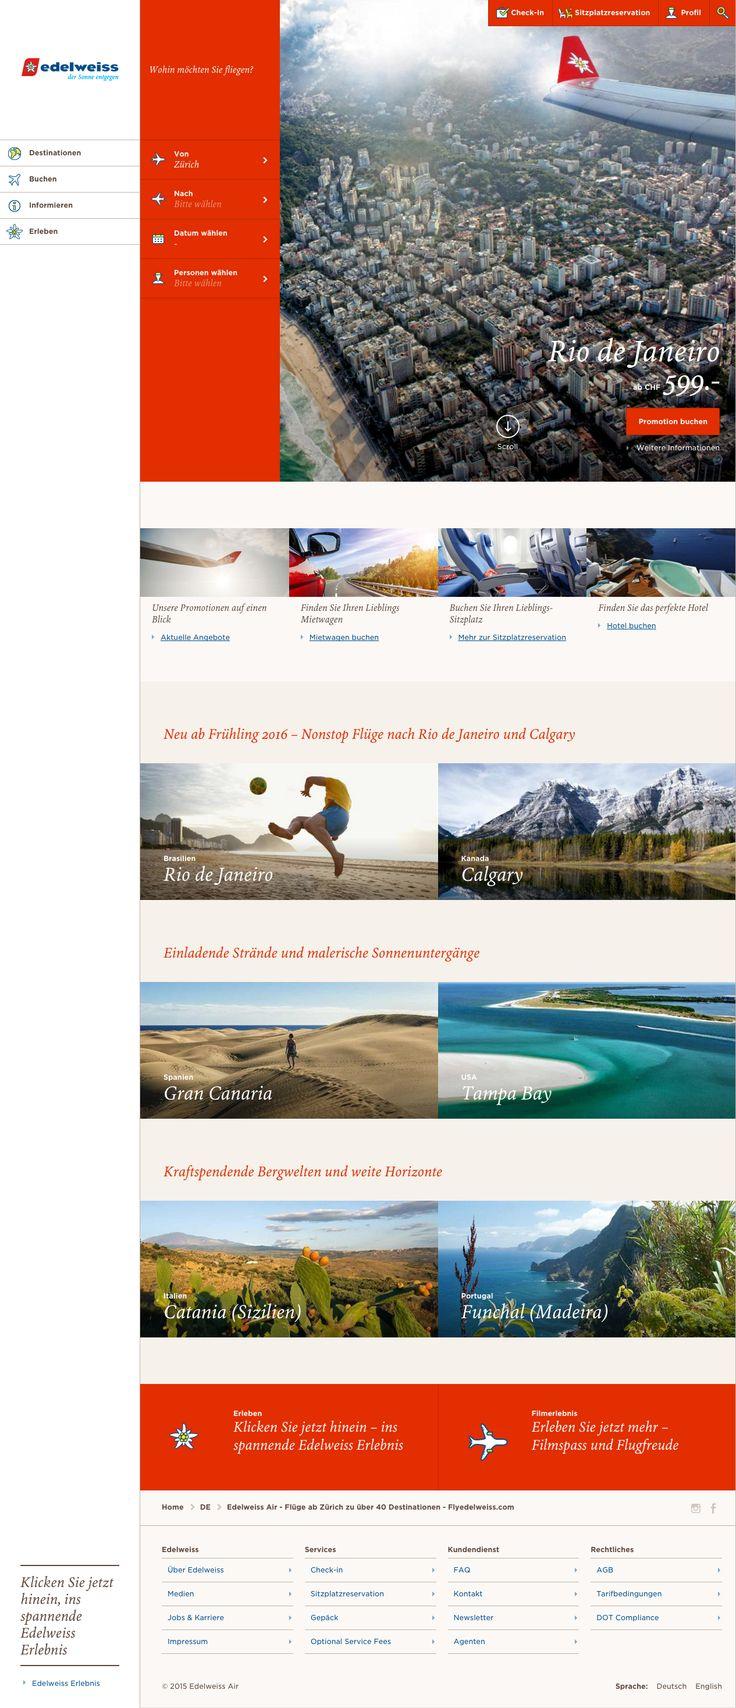 Edelweiss startet online durch  #webdesign #hinderlingvolkart #design #indentity #ux #ui  flyedelweiss.com